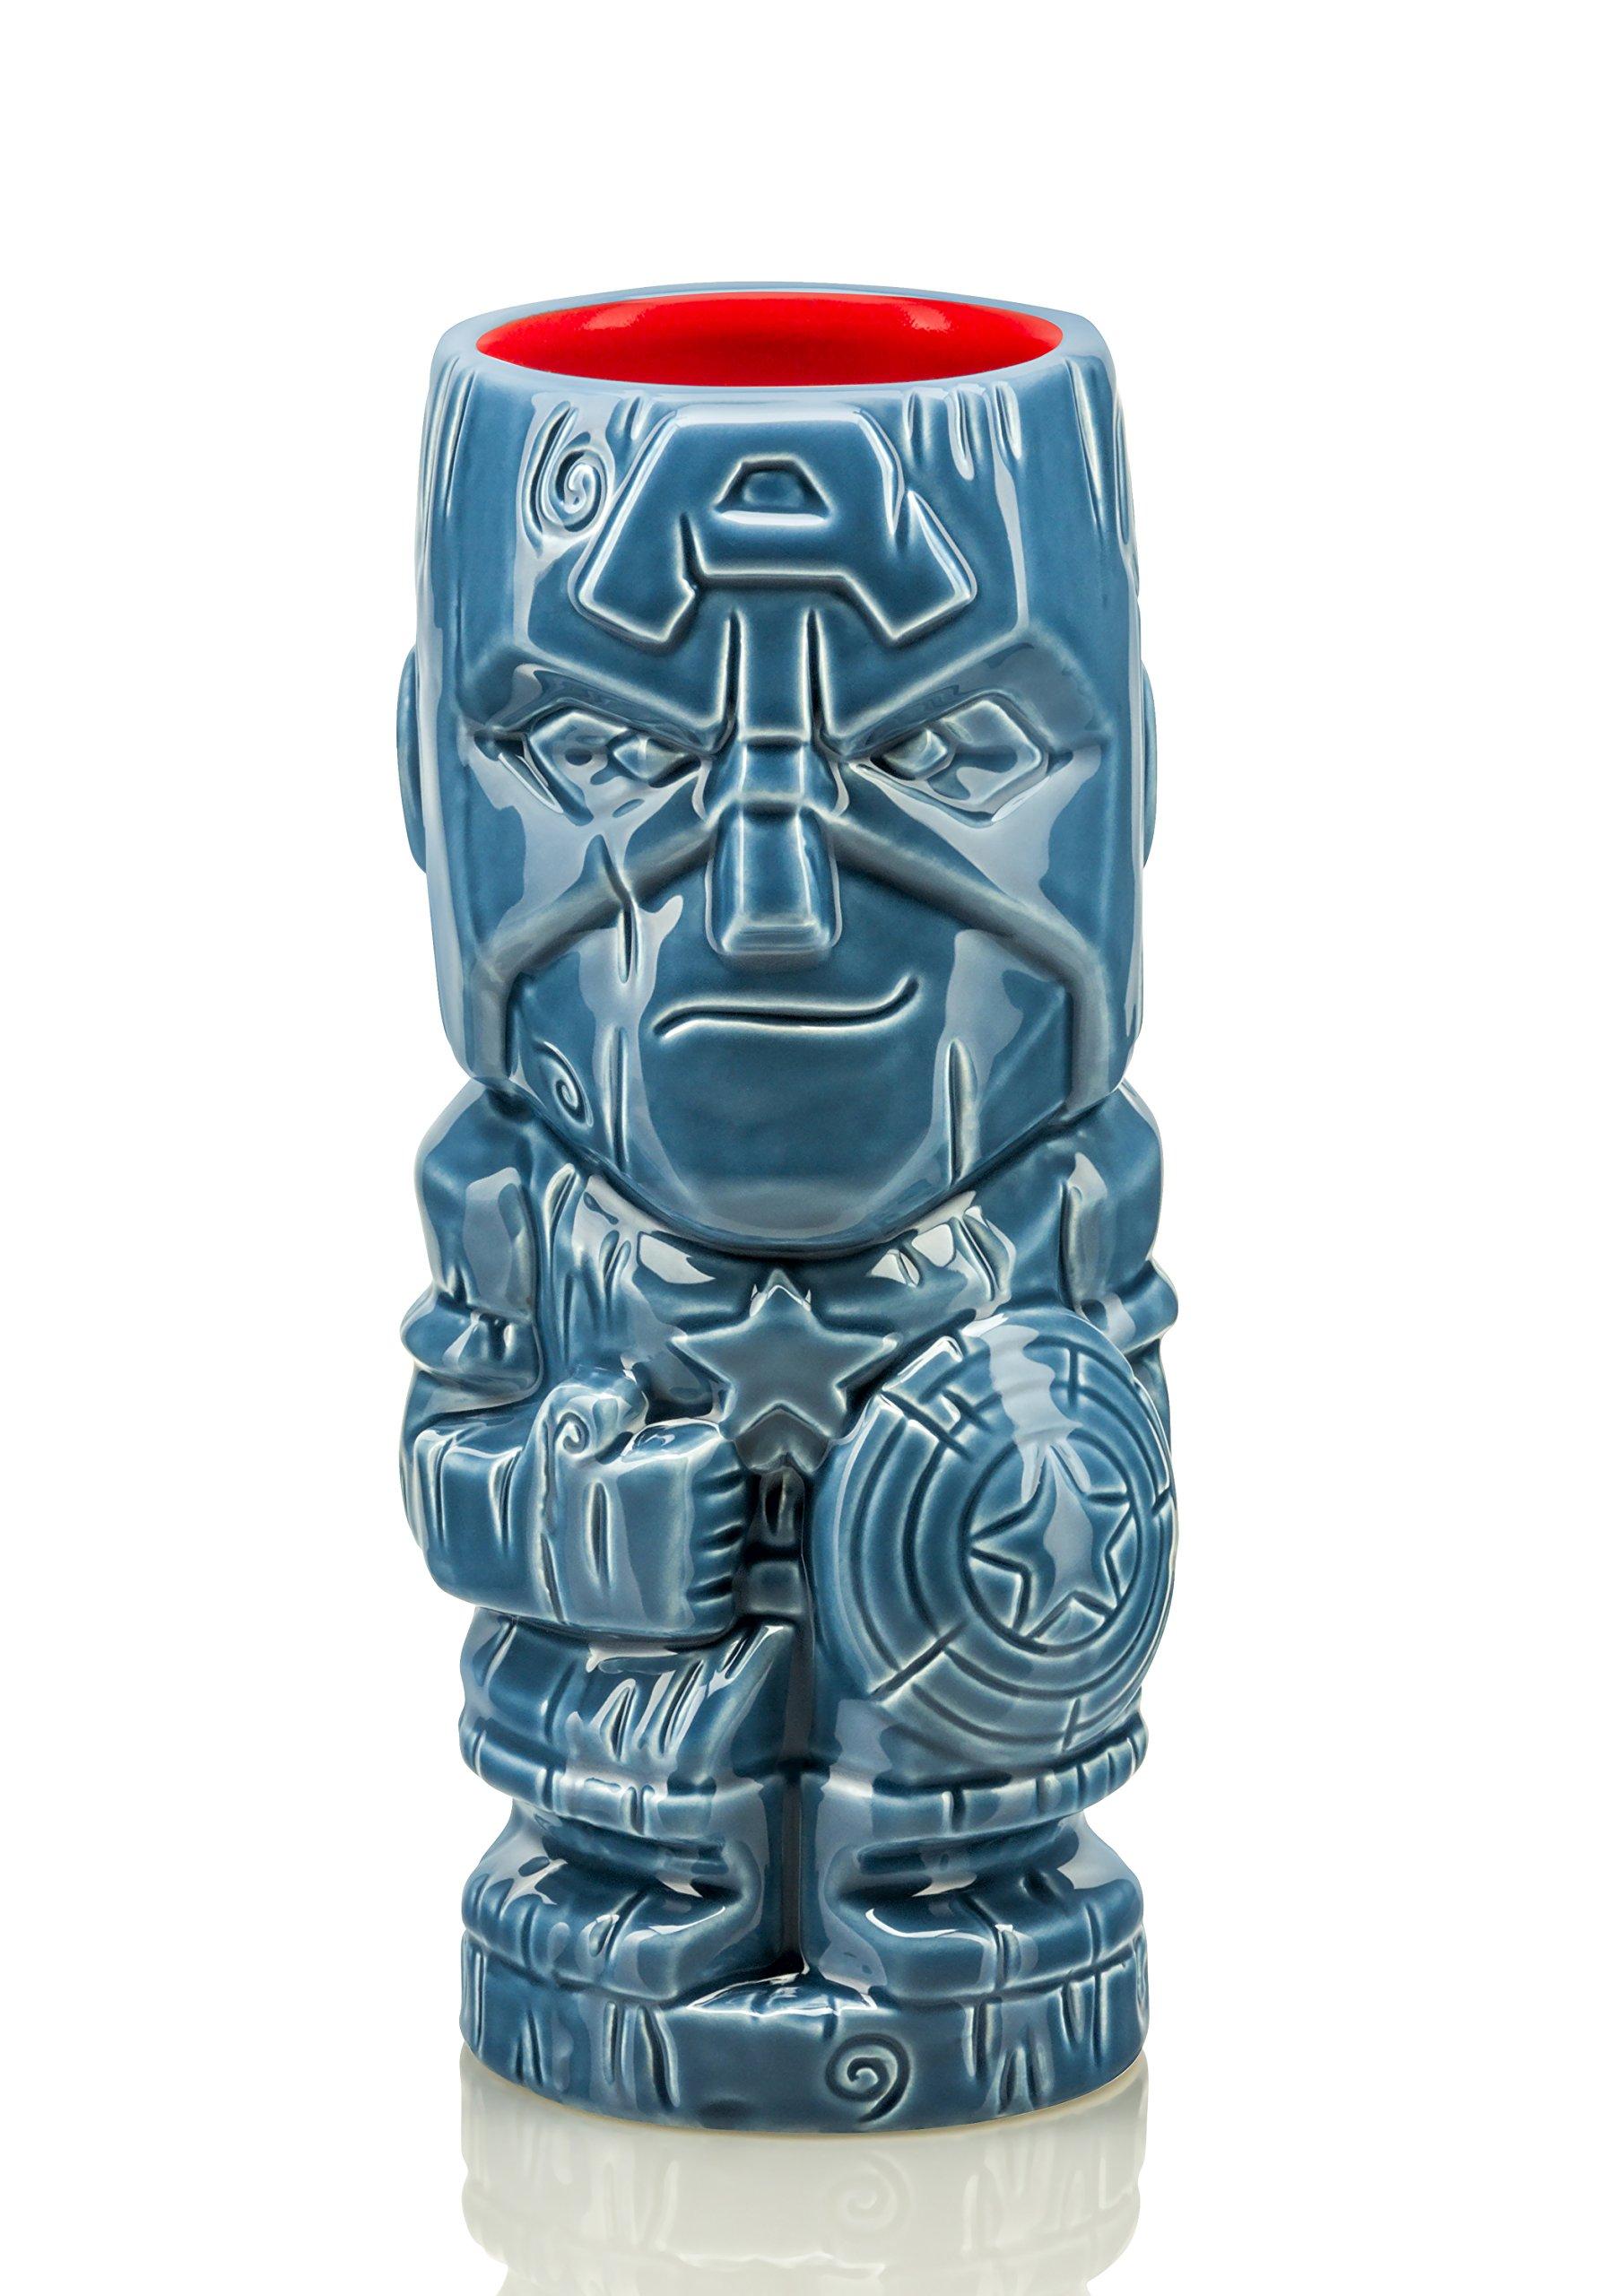 Marvel Geeki Tikis - 14 oz Ceramic Mug - Captain America